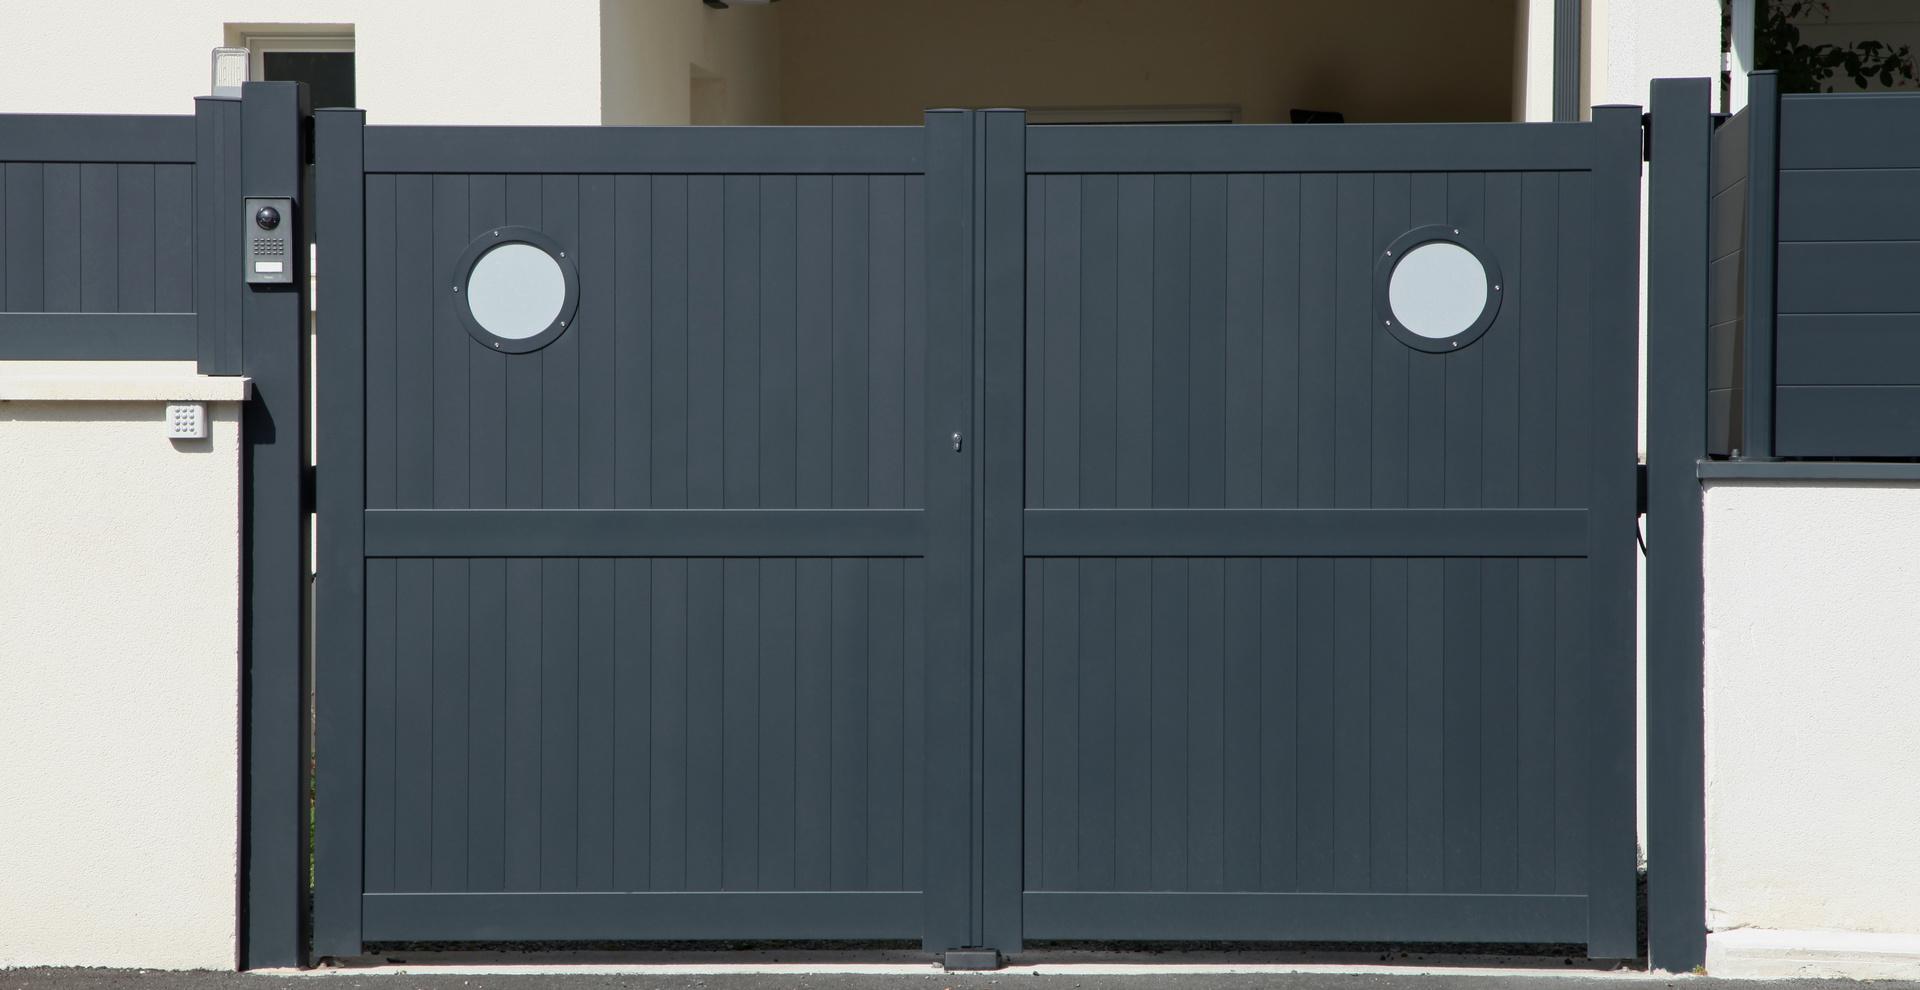 barrire mtallique extrieur barriere de separation jardin panneau metal cloture idmaison with. Black Bedroom Furniture Sets. Home Design Ideas